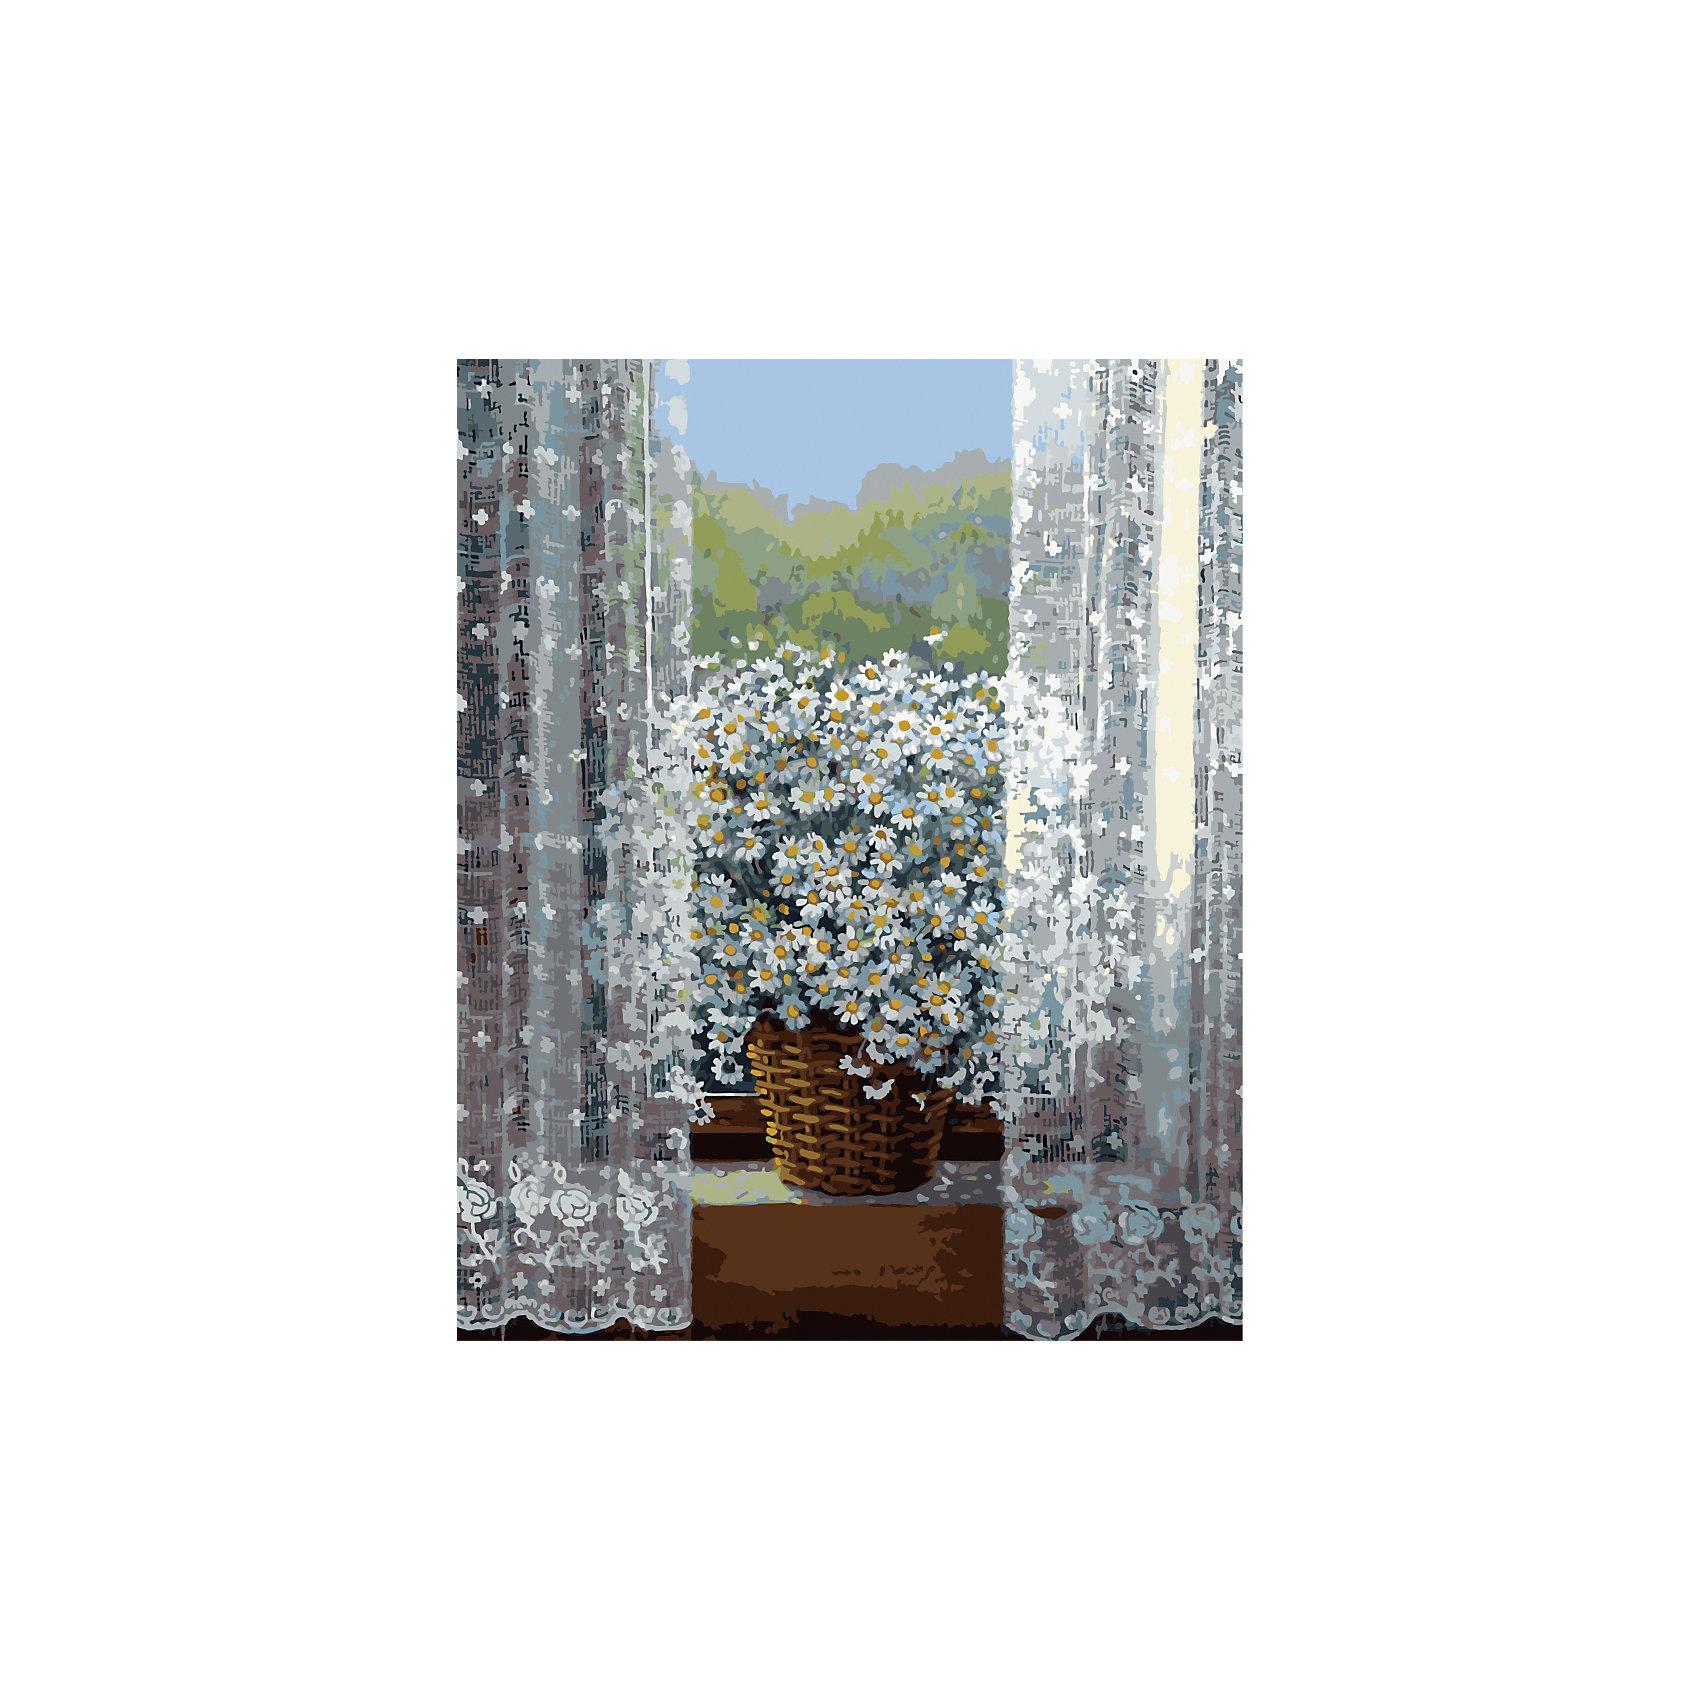 Роспись по номерам Ромашки на окне 40*50смХарактеристики товара:<br><br>- цвет: разноцветный;<br>- материал: бумага, акрил;<br>- комплектация: холст на подрамнике, кисти, краски, контрольный рисунок, инструкция;<br>- размер картины: 40х50 см;<br>- размер упаковки: 42х52х3 см.<br><br>Этот набор для рисования станет отличным подарком и для ребенка, и для взрослого. Он помогает развить художественные навыки, поверить в свои силы, а в итоге работы получается произведение искусства, которое может украсить интерьер!<br>Основа комплекта - это полотно на подрамнике размером 40 на 50 сантиметров, на которое нанесены контуры рисунка, а участки пронумерованы. Каждому номеру соответствует баночка с краской определенного оттенка. Для удобного нанесения акриловых красок на водной основе в наборе есть три разные кисти, с их помощью даже мелкие детали можно аккуратно и красиво прорисовать. Чтобы контролировать процесс, можно сверяться с контрольным рисунком, на котором изображена готовая картина.<br>Роспись по такой схеме помогает развивать зрительную память, концентрацию внимания, мелкую моторику и цветовосприятие.<br><br>Роспись по номерам Ромашки на окне 40*50 см можно купить в нашем интернет-магазине.<br><br>Ширина мм: 420<br>Глубина мм: 520<br>Высота мм: 50<br>Вес г: 900<br>Возраст от месяцев: 36<br>Возраст до месяцев: 2147483647<br>Пол: Женский<br>Возраст: Детский<br>SKU: 5117527